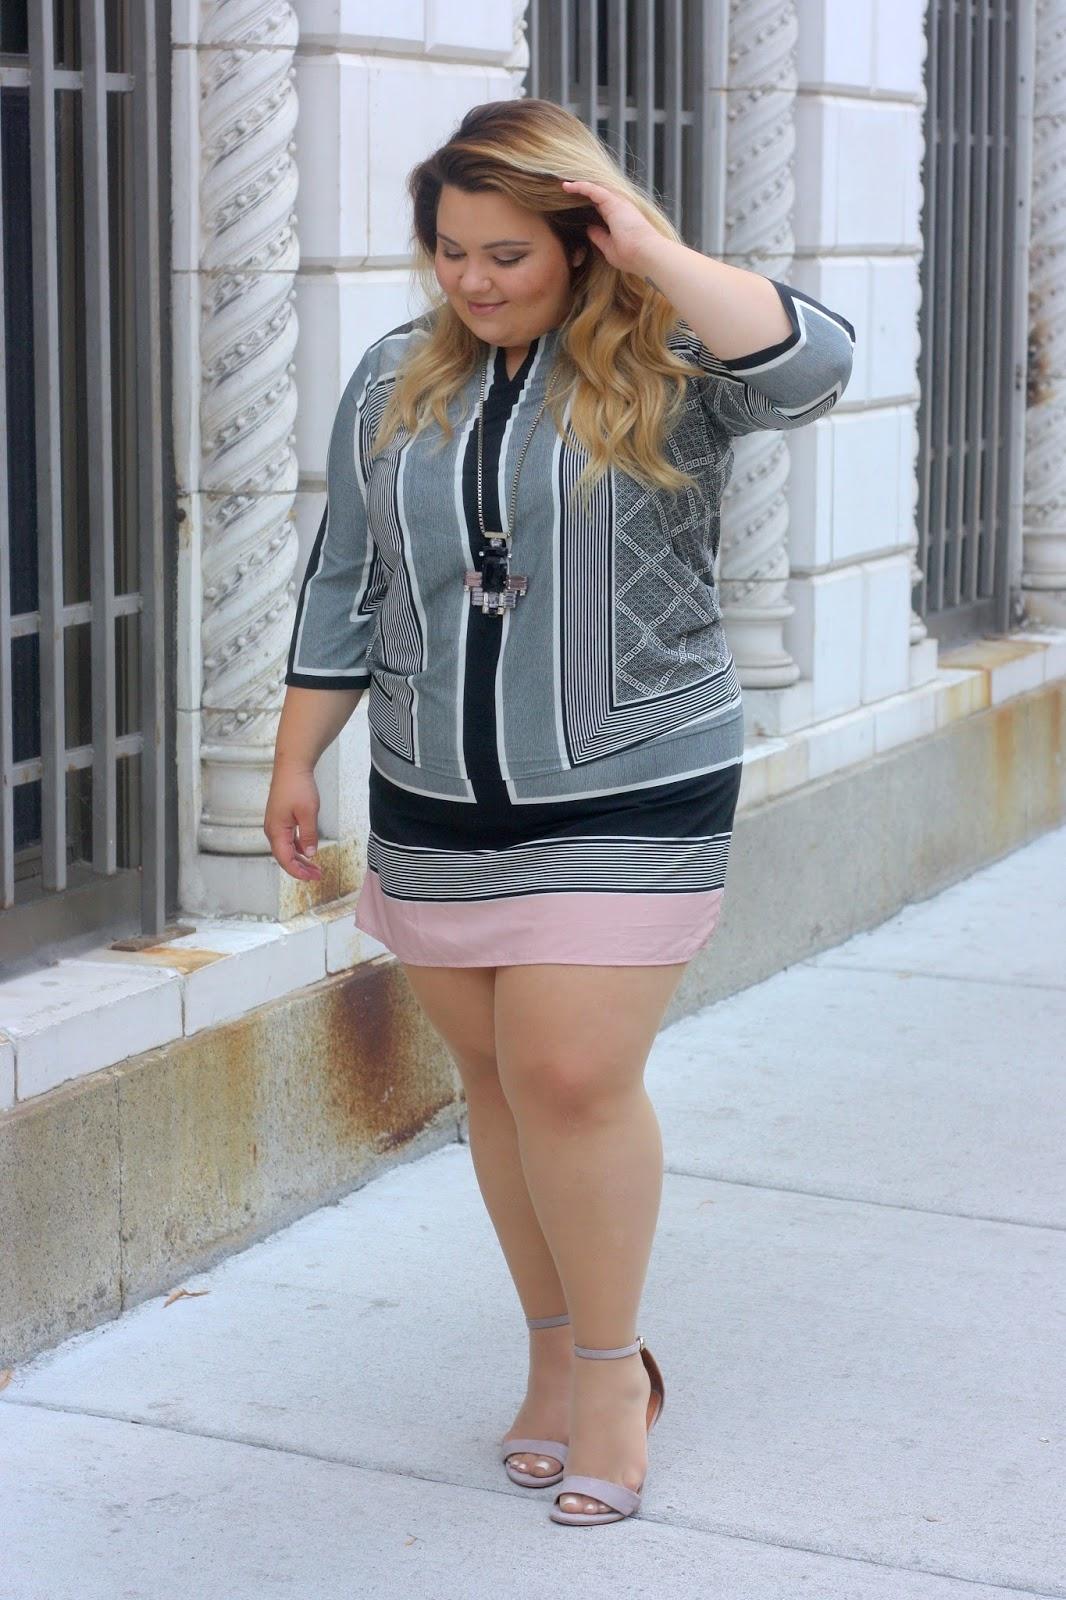 plus size shifit dress, love lianca, natalie craig, natalie in the city, chicago, plus size fashion blogger, chicago fashion blogger, fatshion, OOTD, Windy city bloggers, chicago blogger network